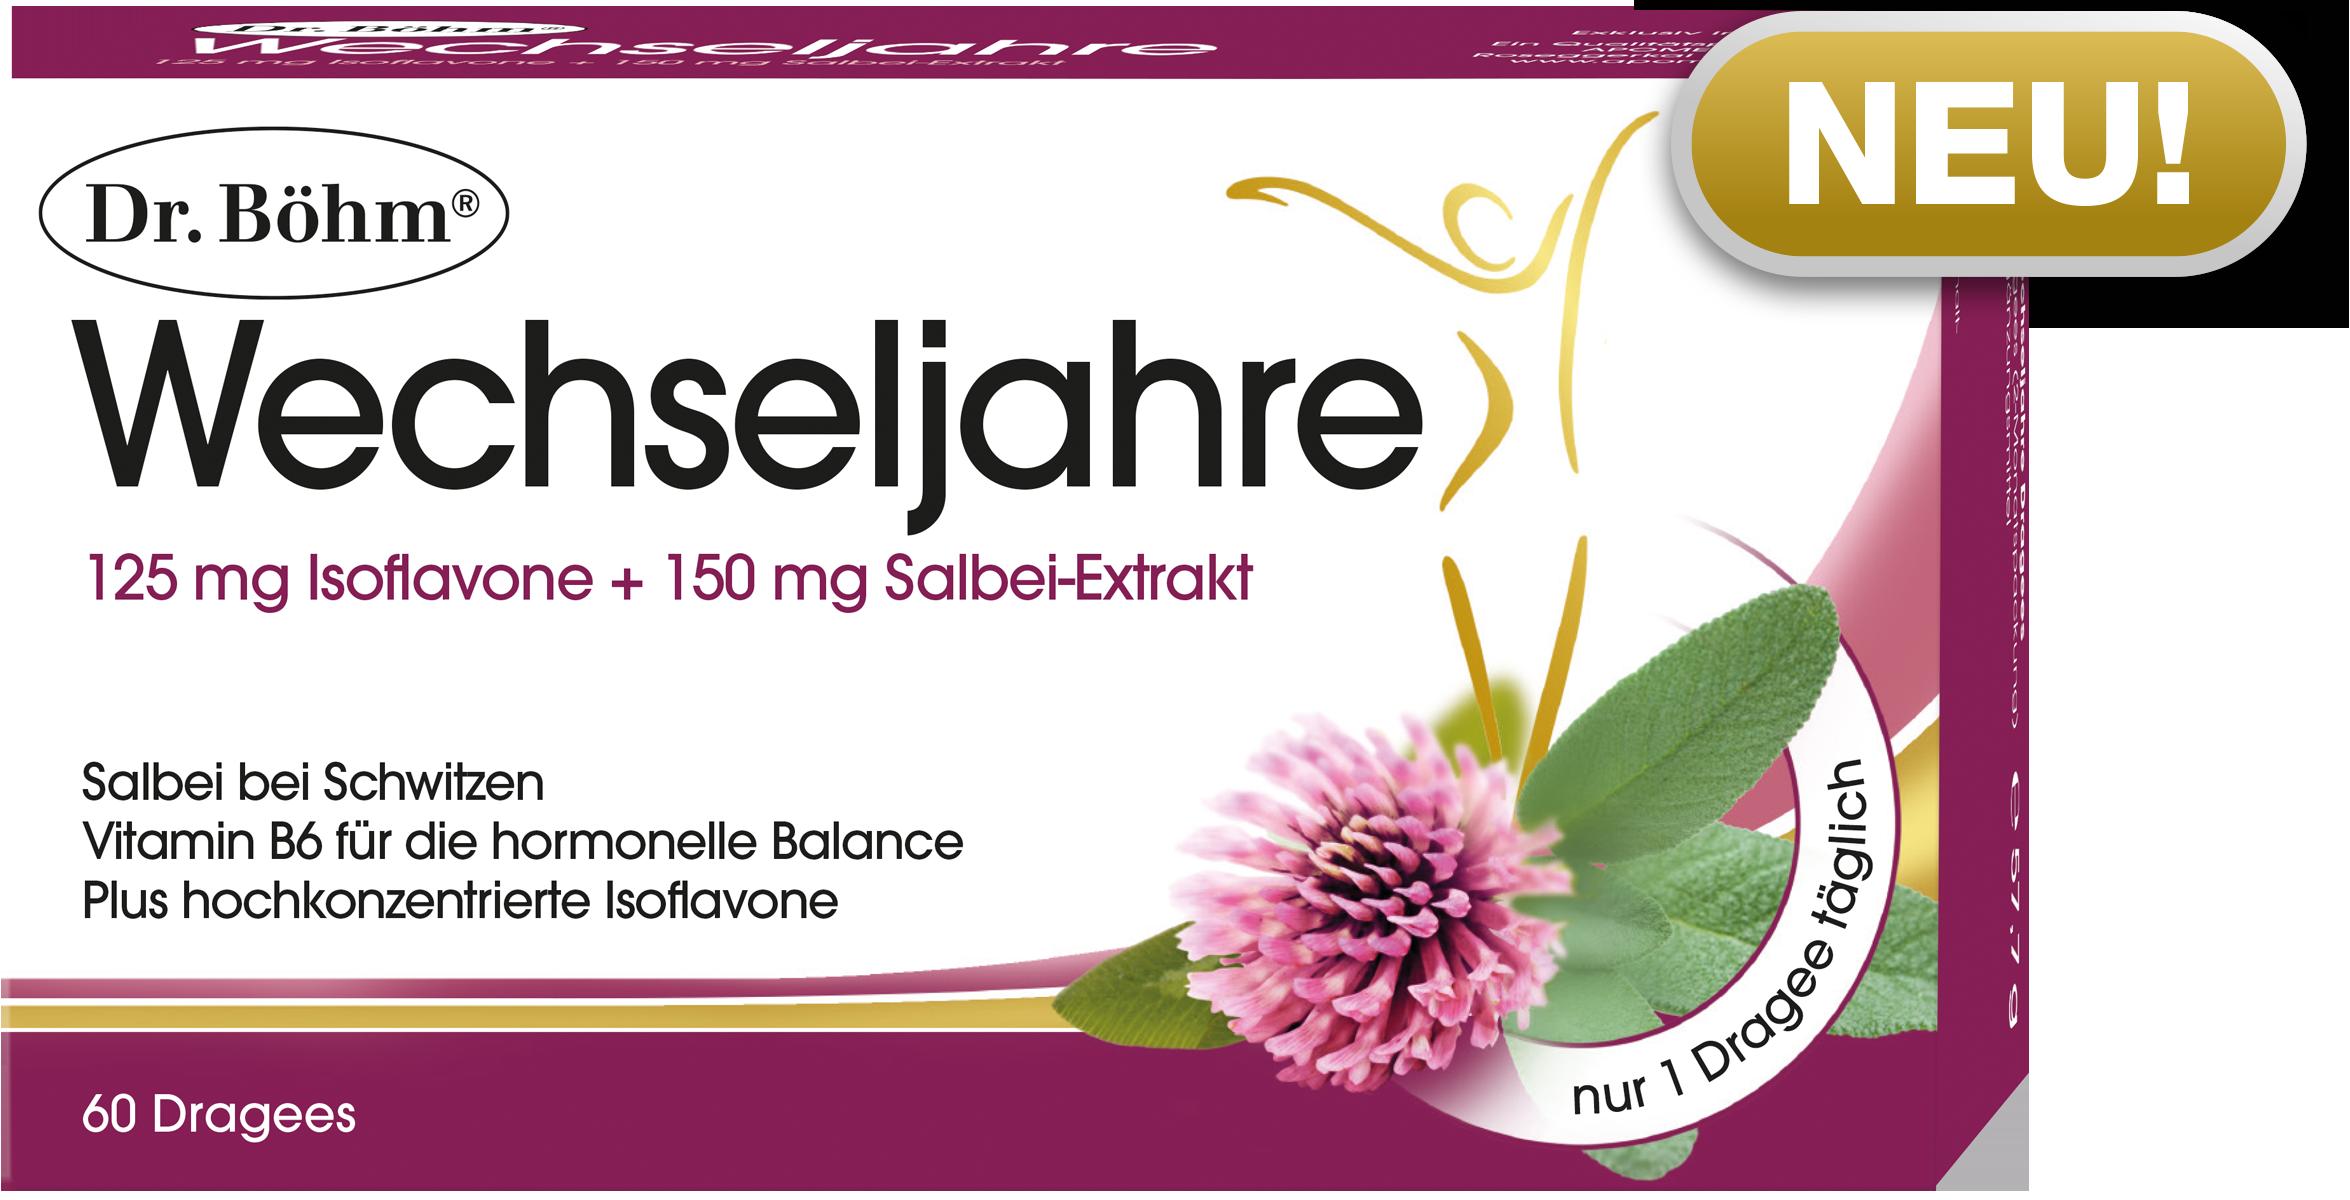 Dr. Böhm® Wechseljahre, Salbei und Isoflavone für unbeschwerte Wechseljahre